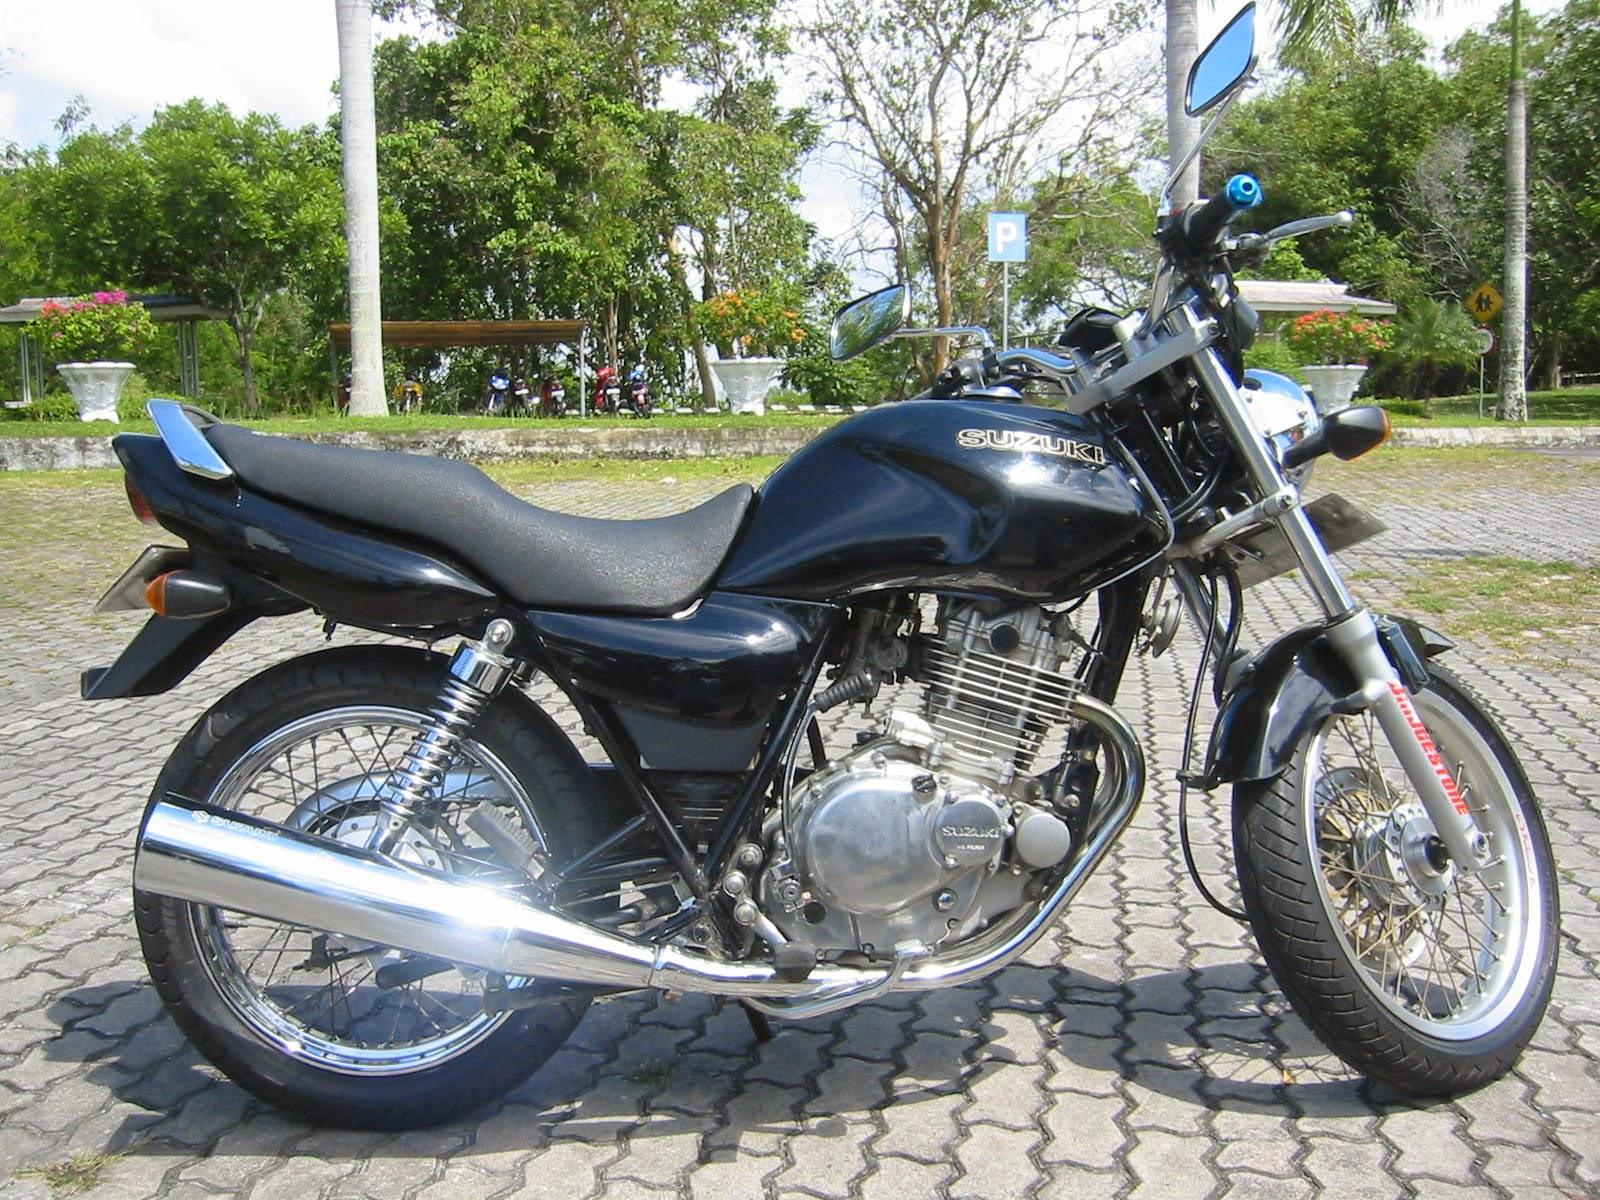 Modifikasi Motor Suzuki Thunder 250cc